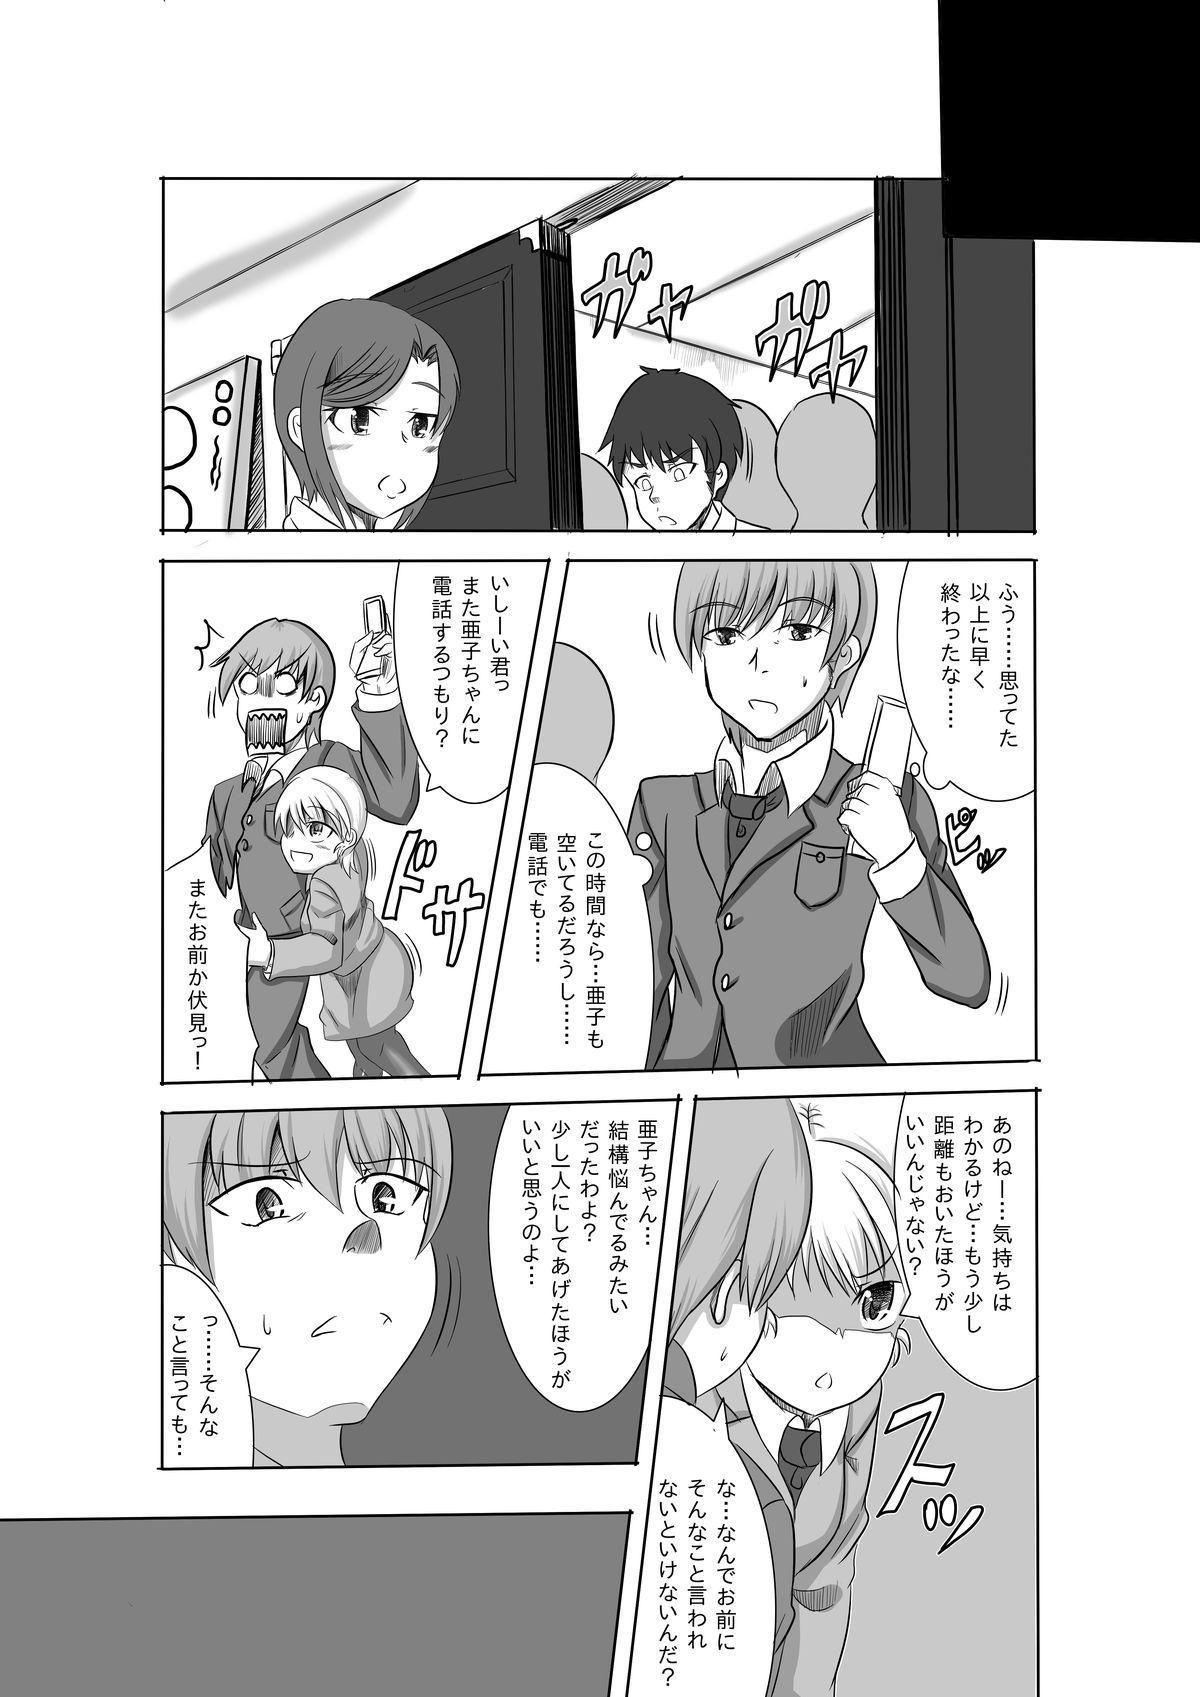 Kano Shota 2 14